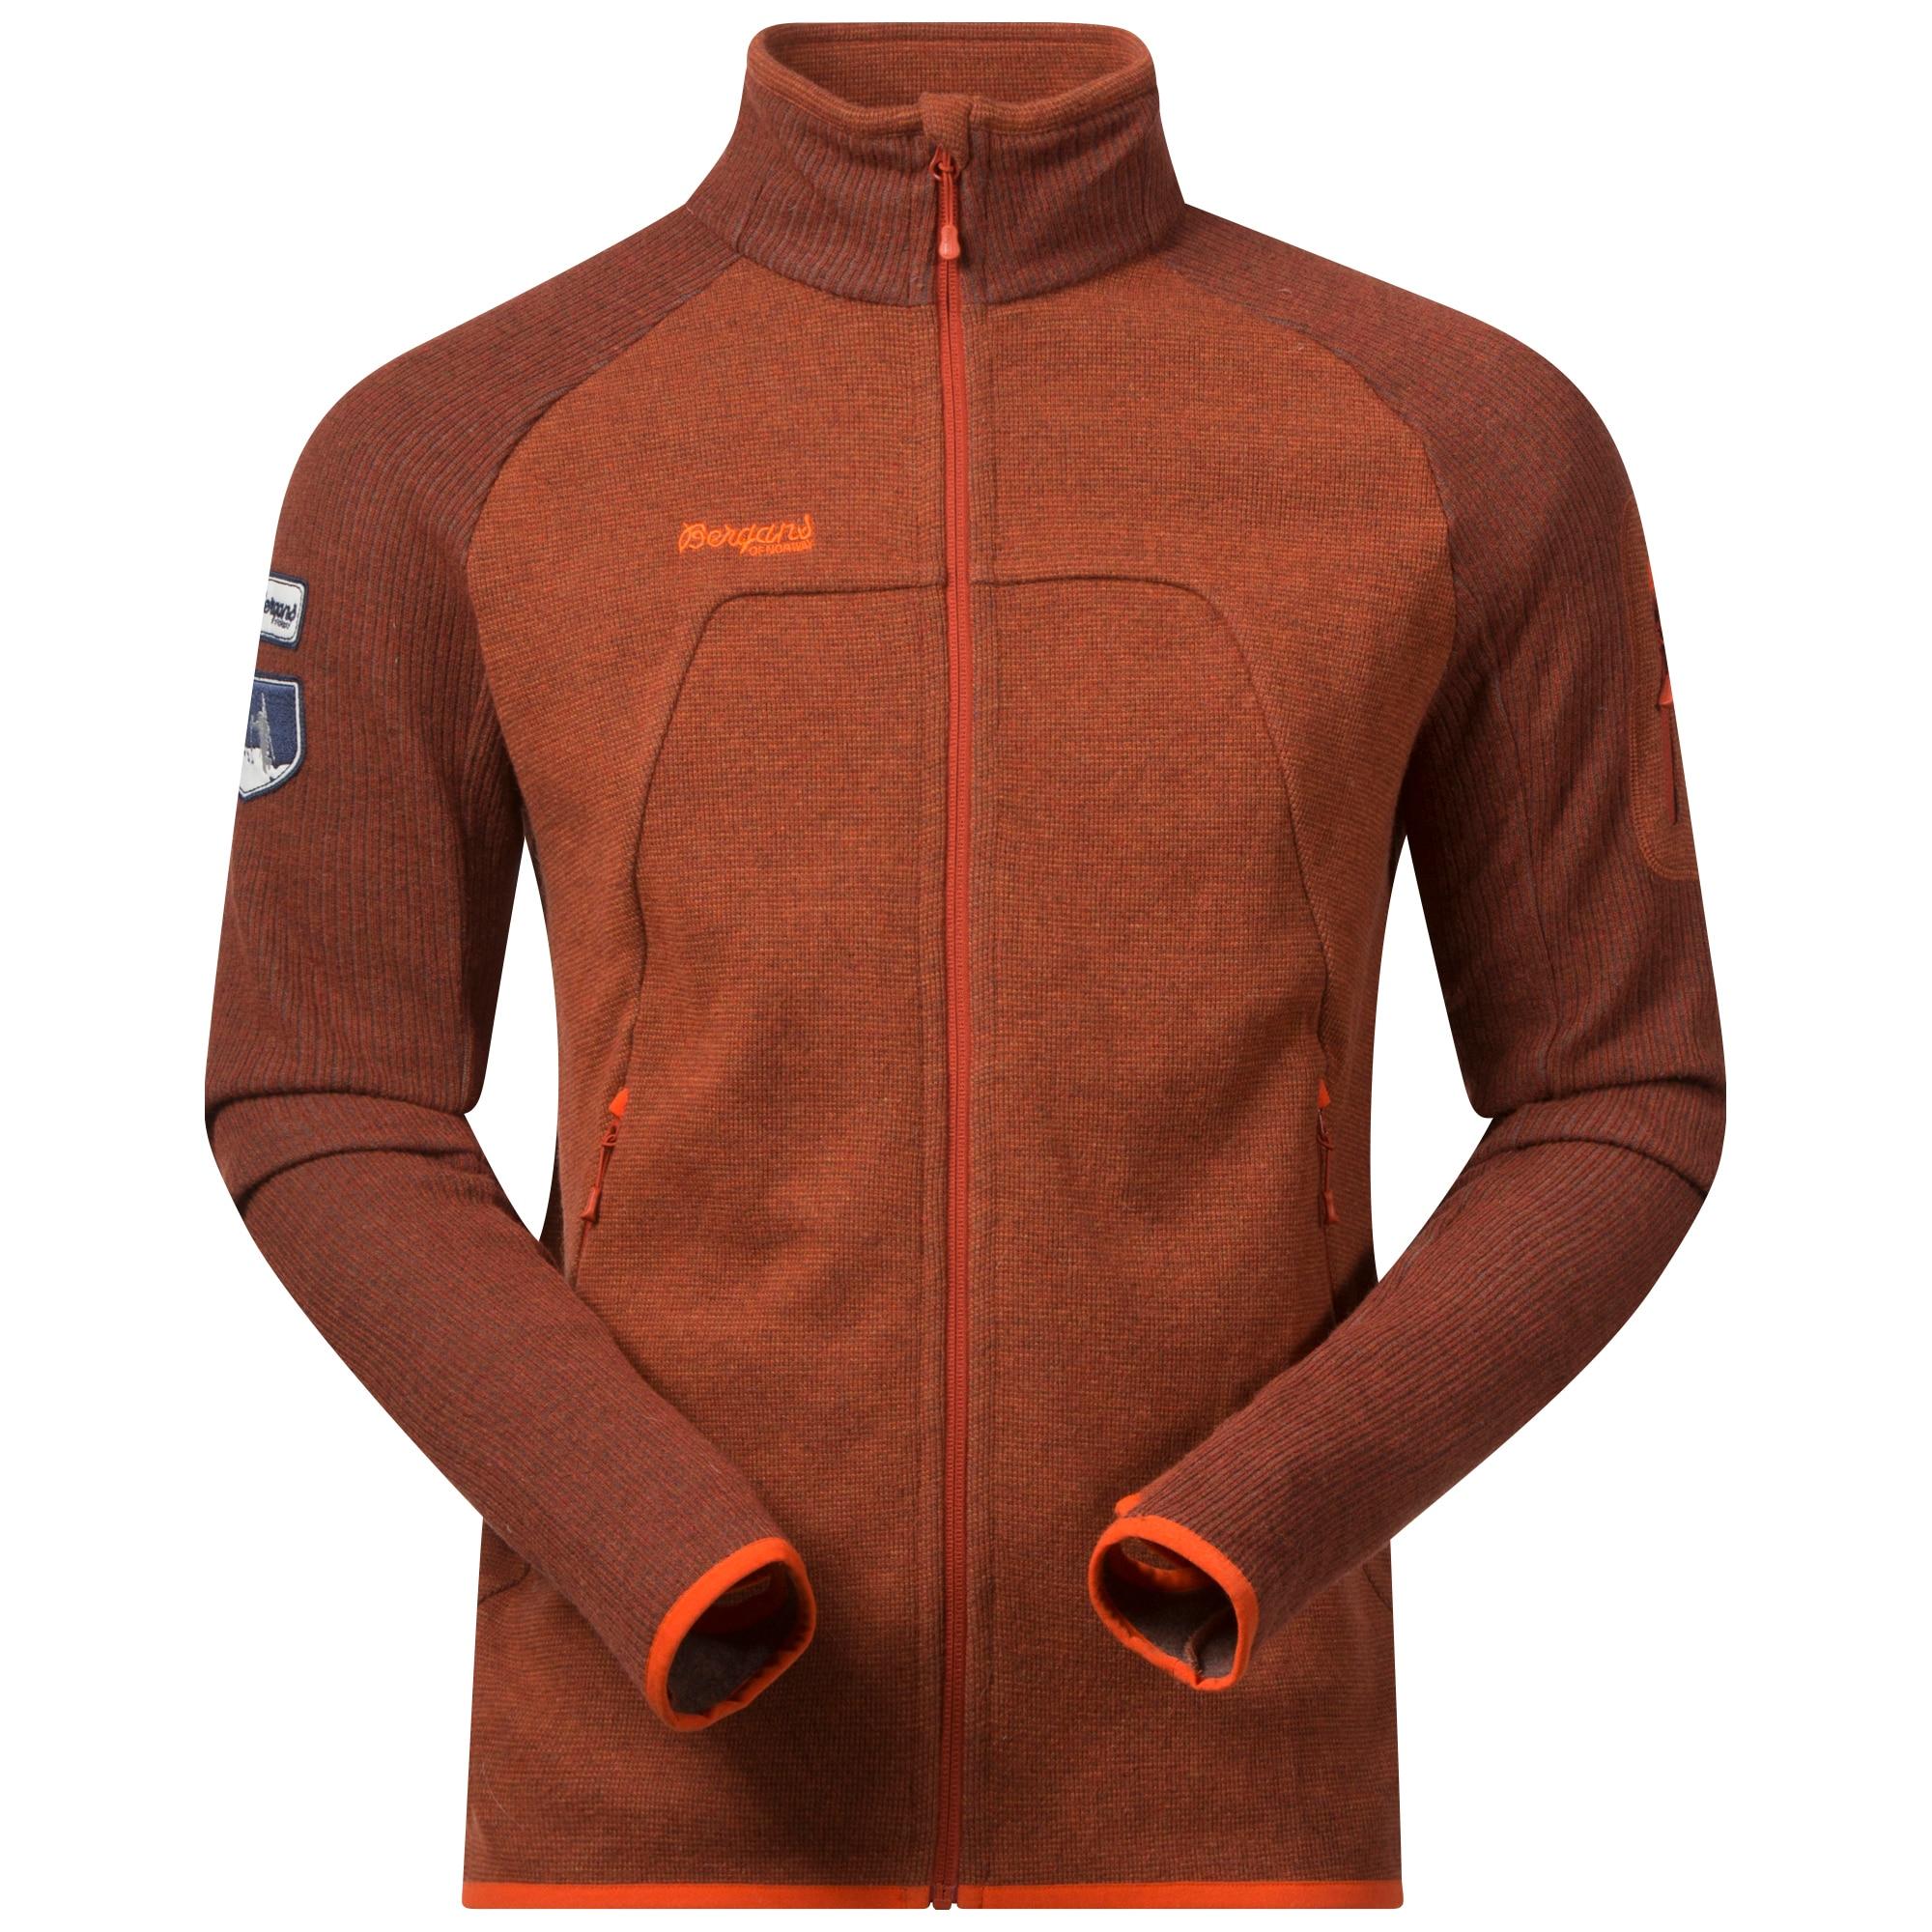 Timian Jacket